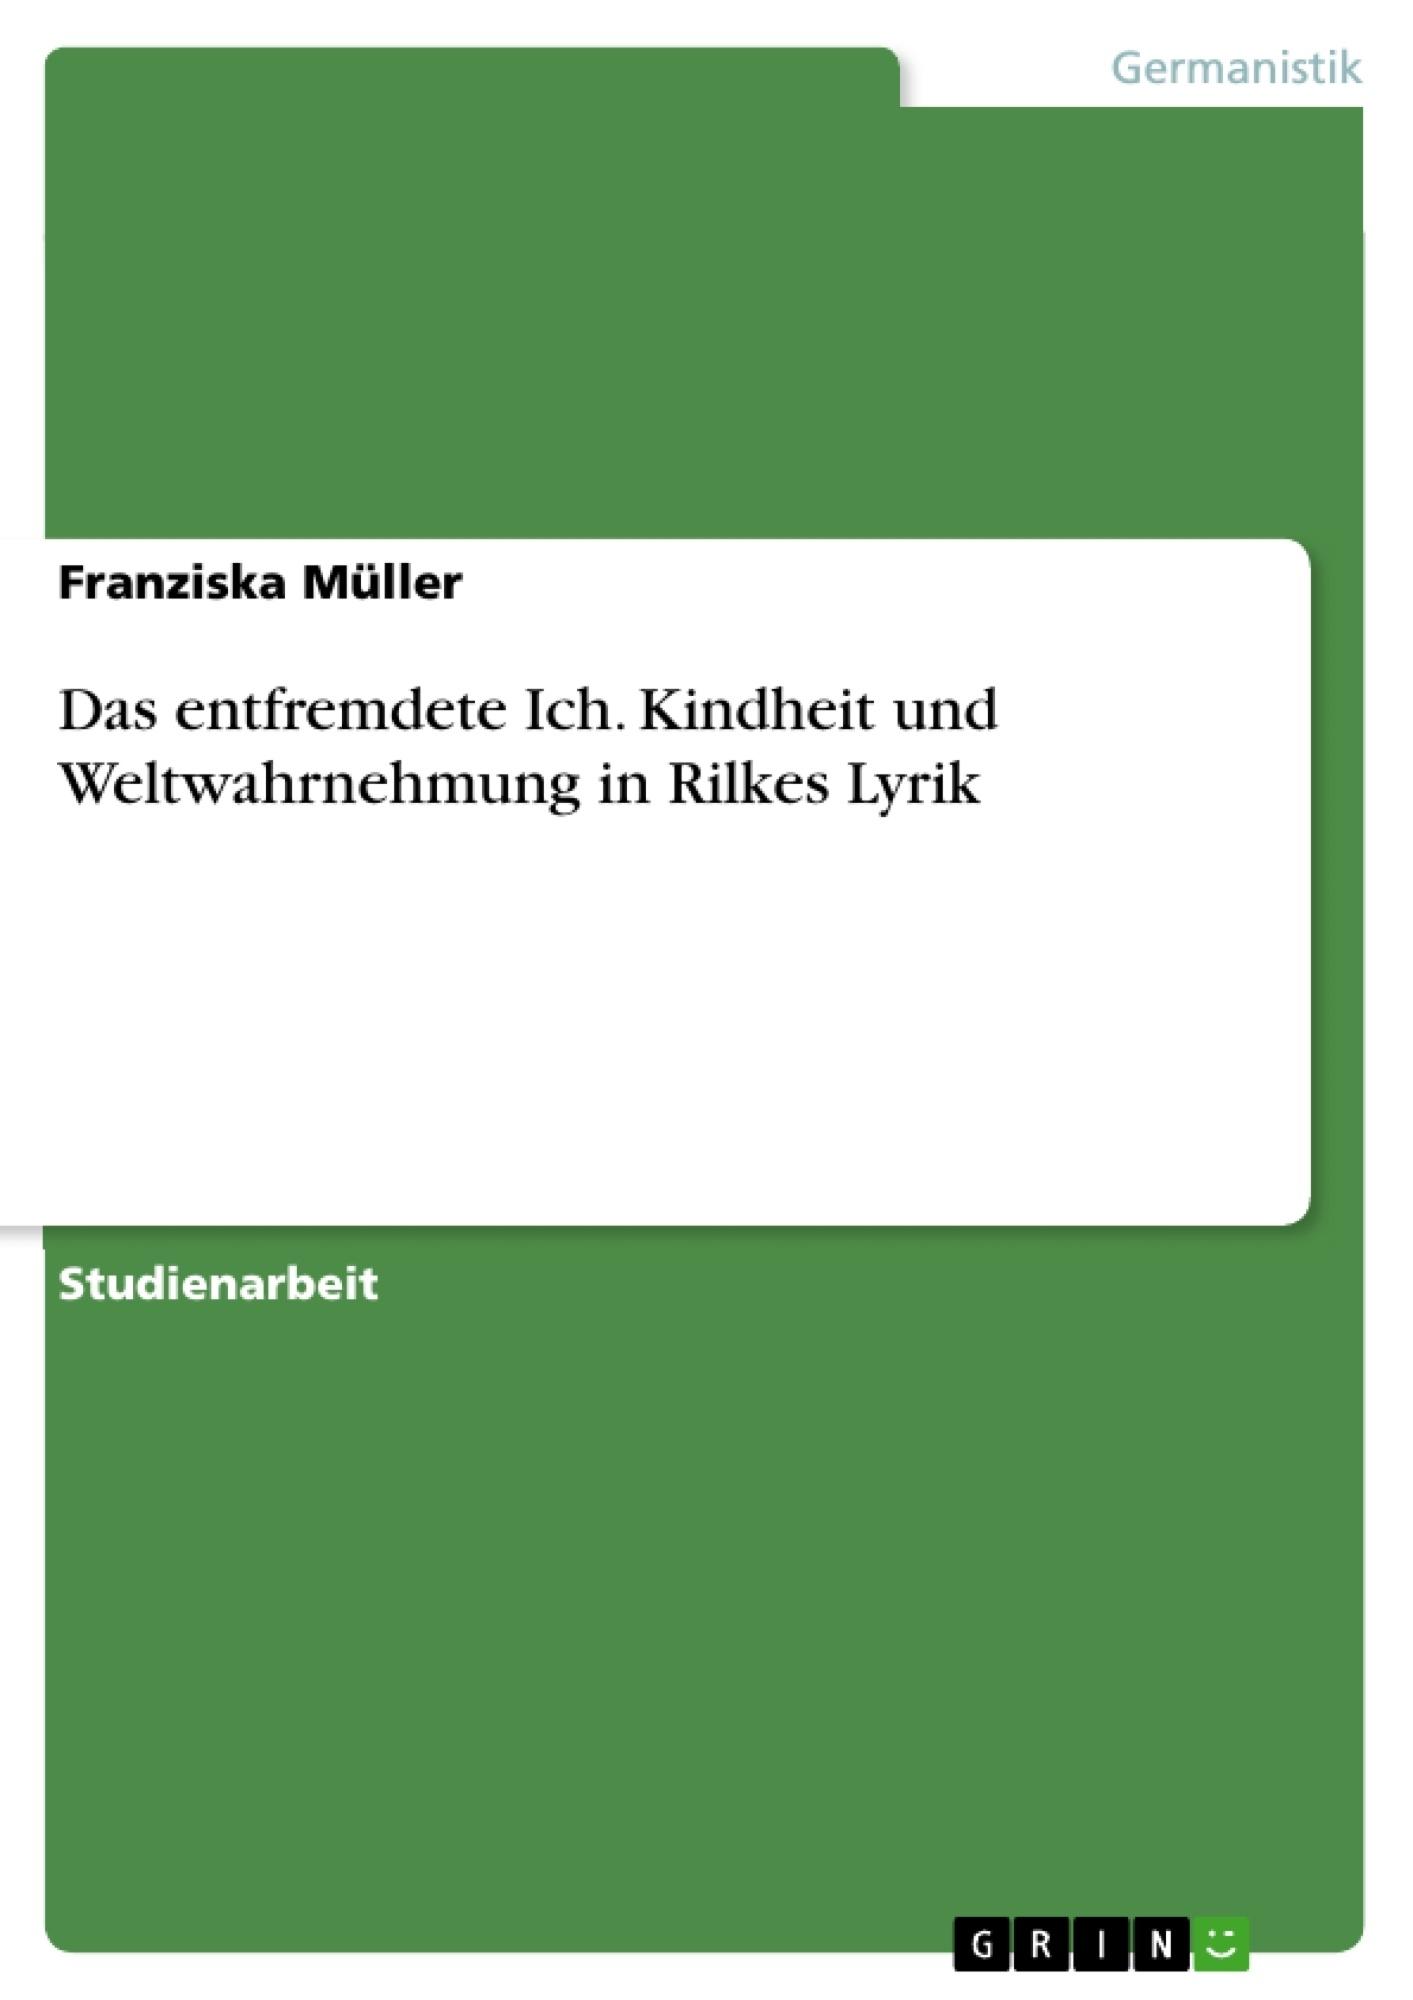 Titel: Das entfremdete Ich. Kindheit und Weltwahrnehmung in Rilkes Lyrik